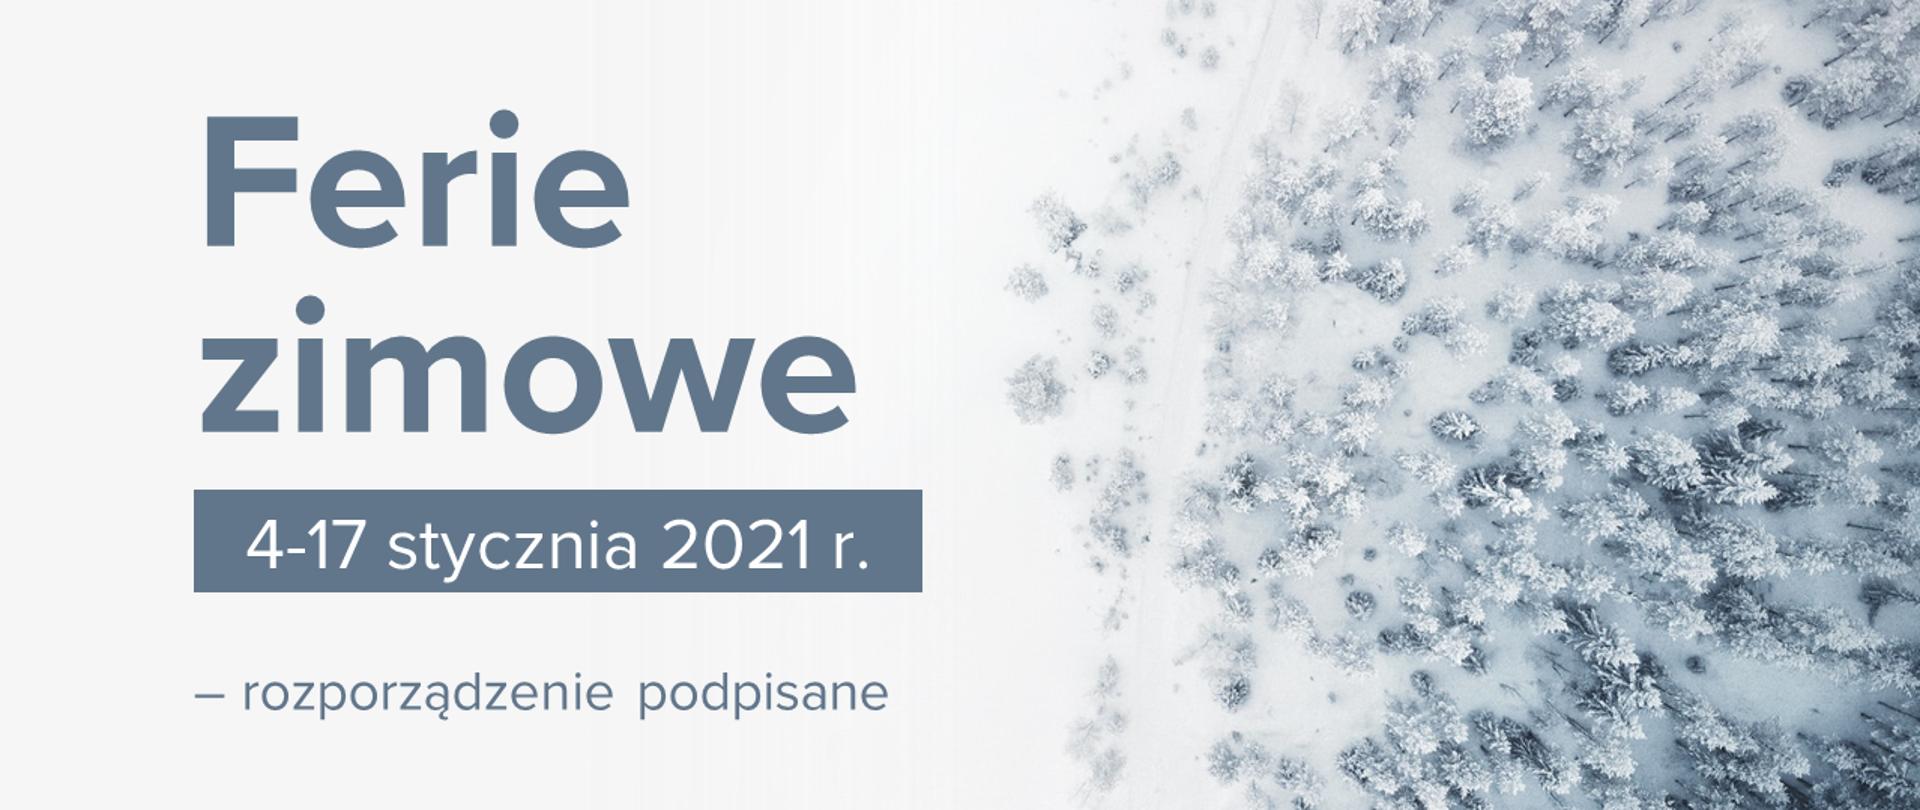 Grafika z napisem ferie zimowe od 4 do 17 stycznia 2021 r. – rozporządzenie podpisane